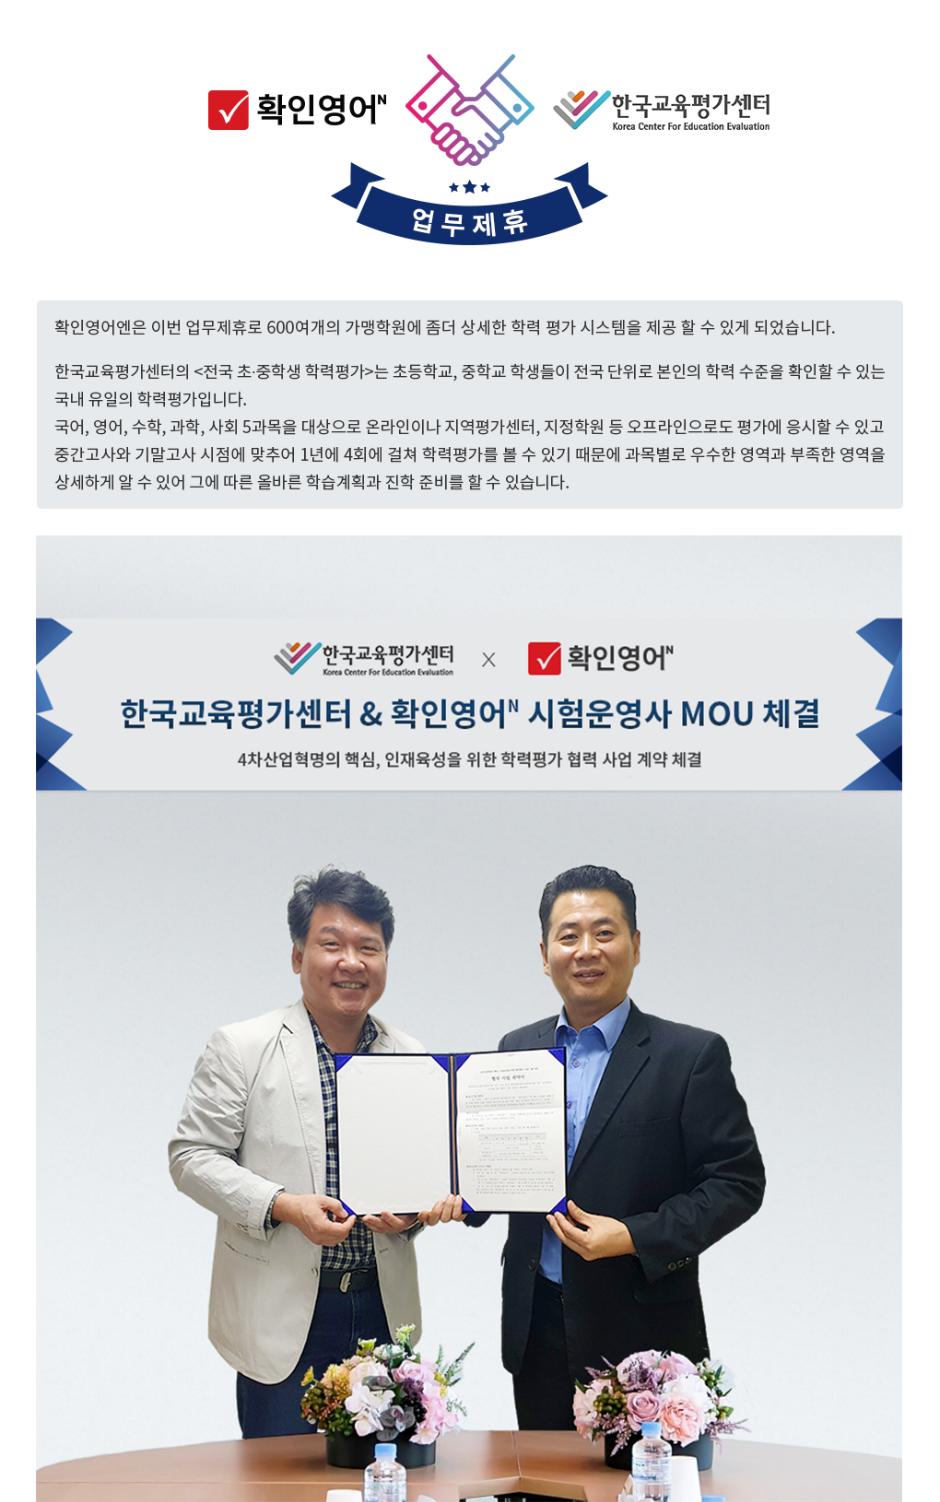 한국교육평가센터 MOU.png